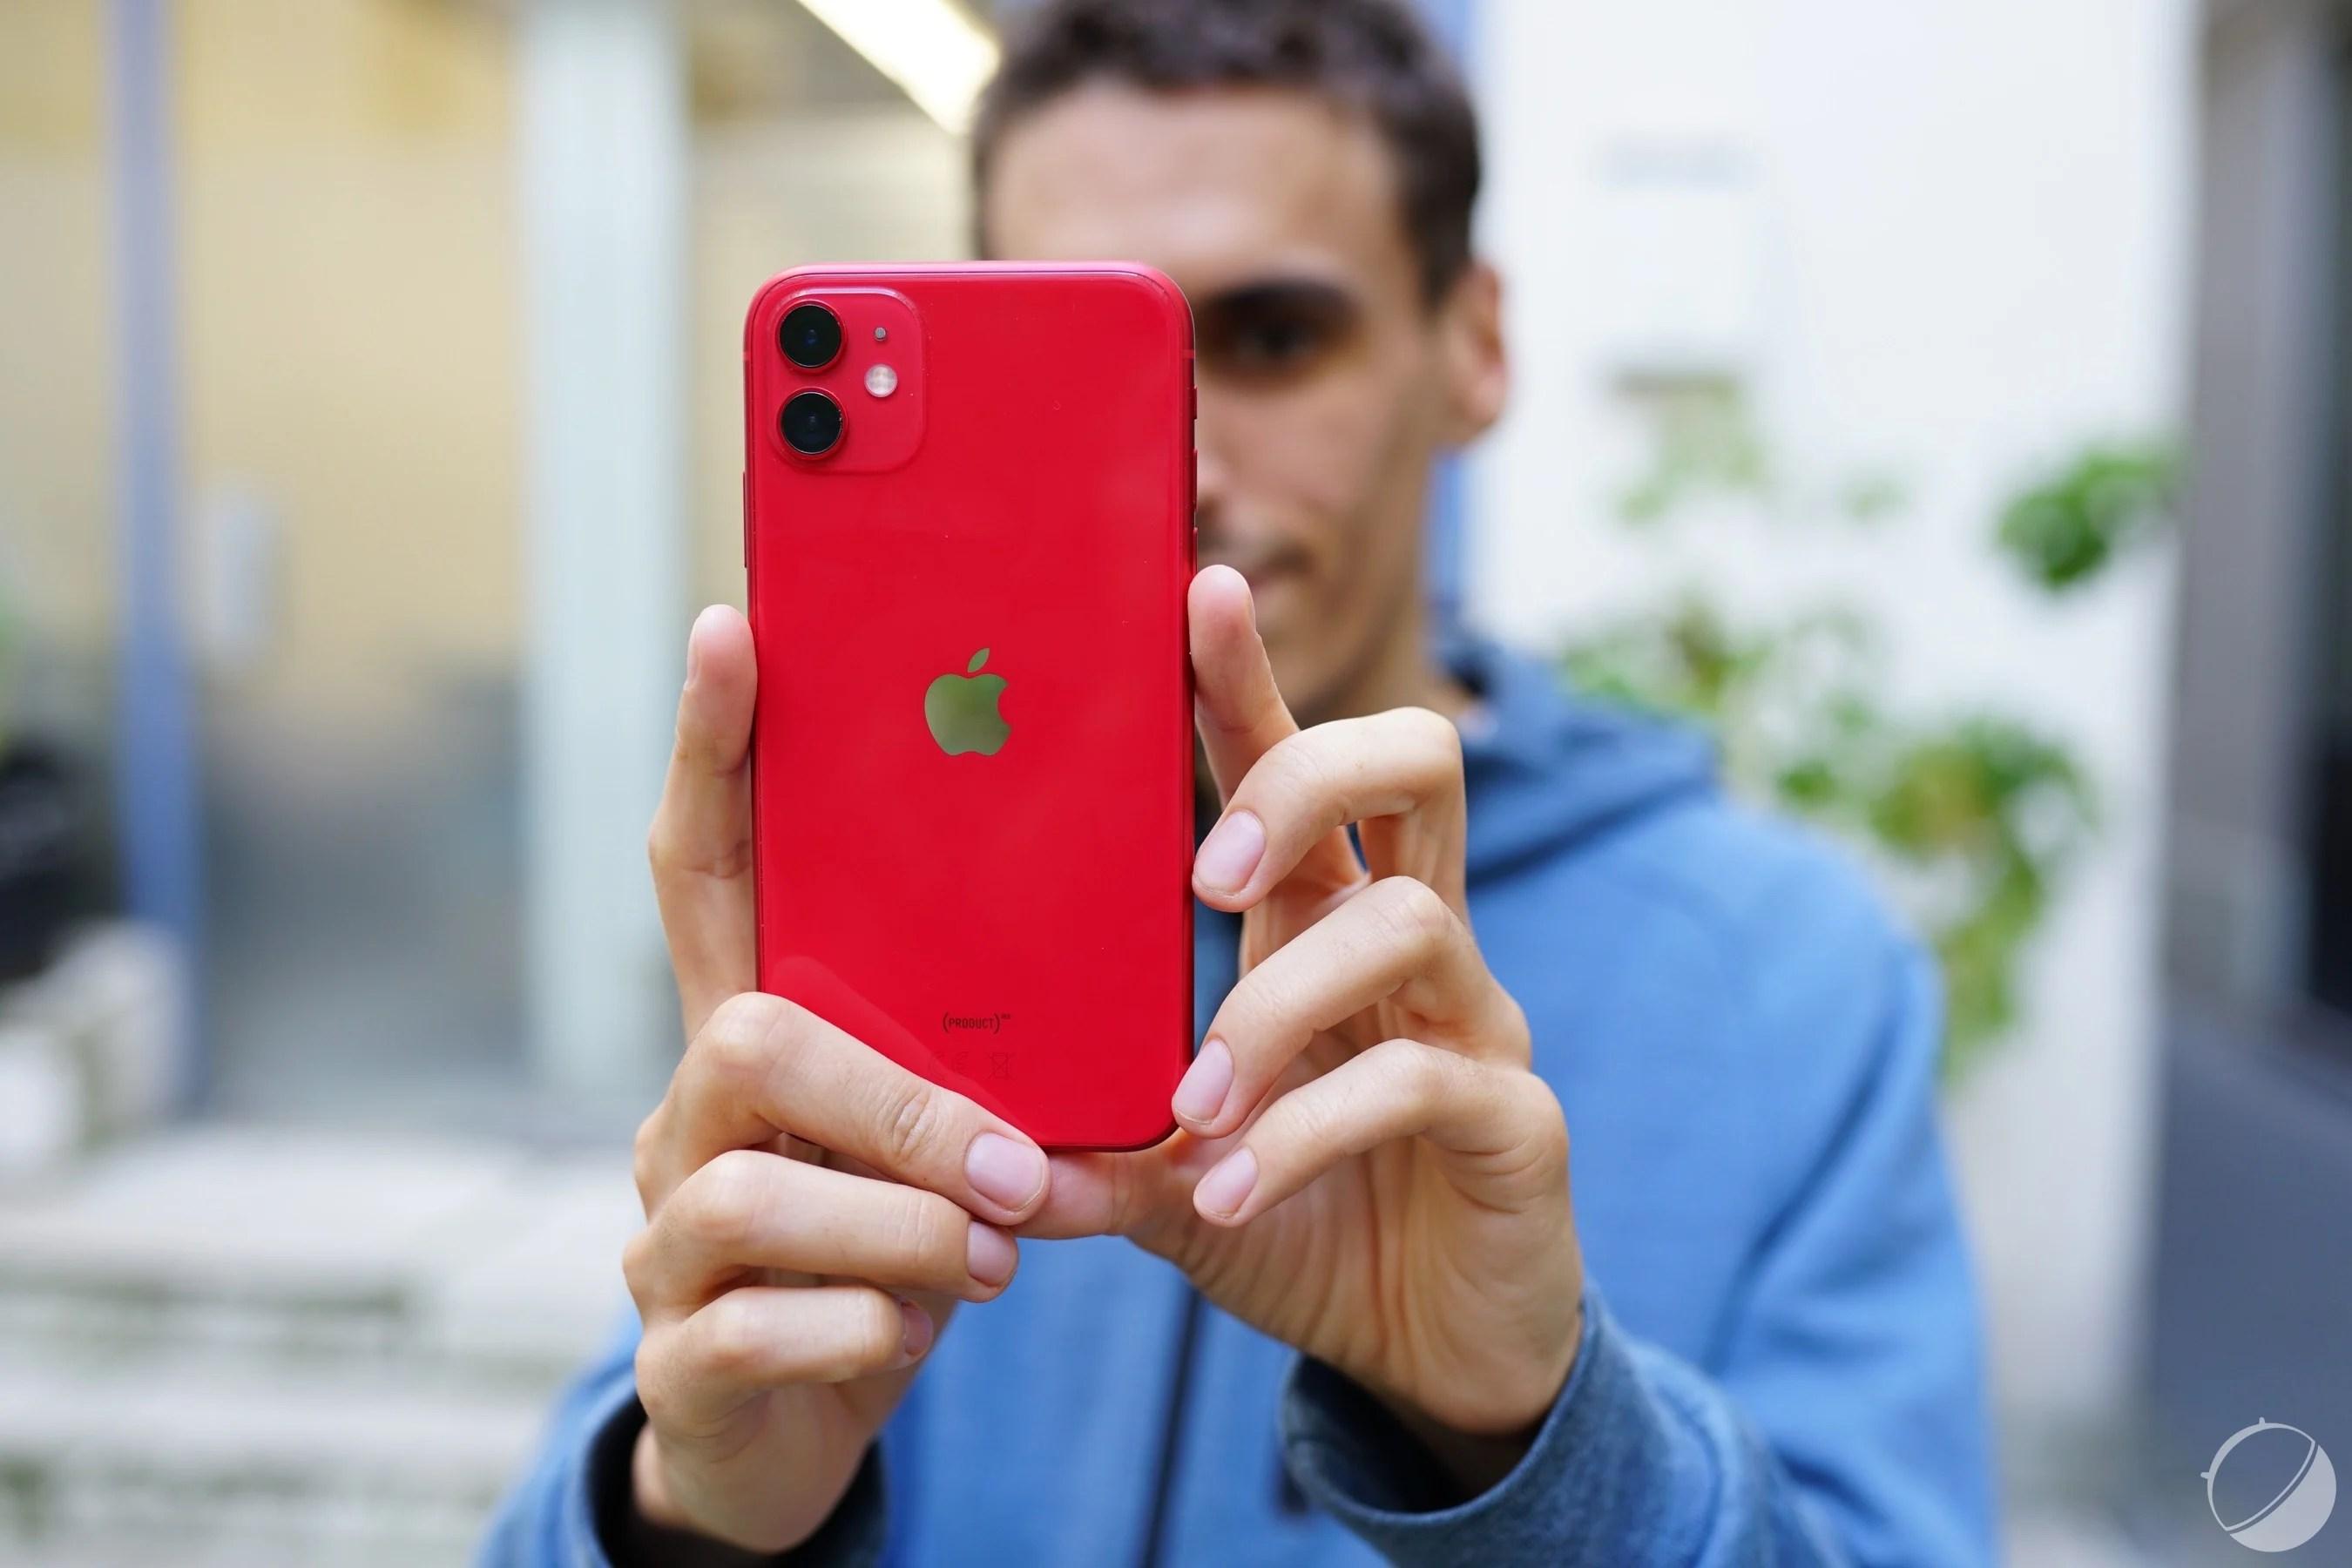 L'iPhone 11 sur les traces de l'iPhone XR pour être le smartphone le plus populaire de 2020